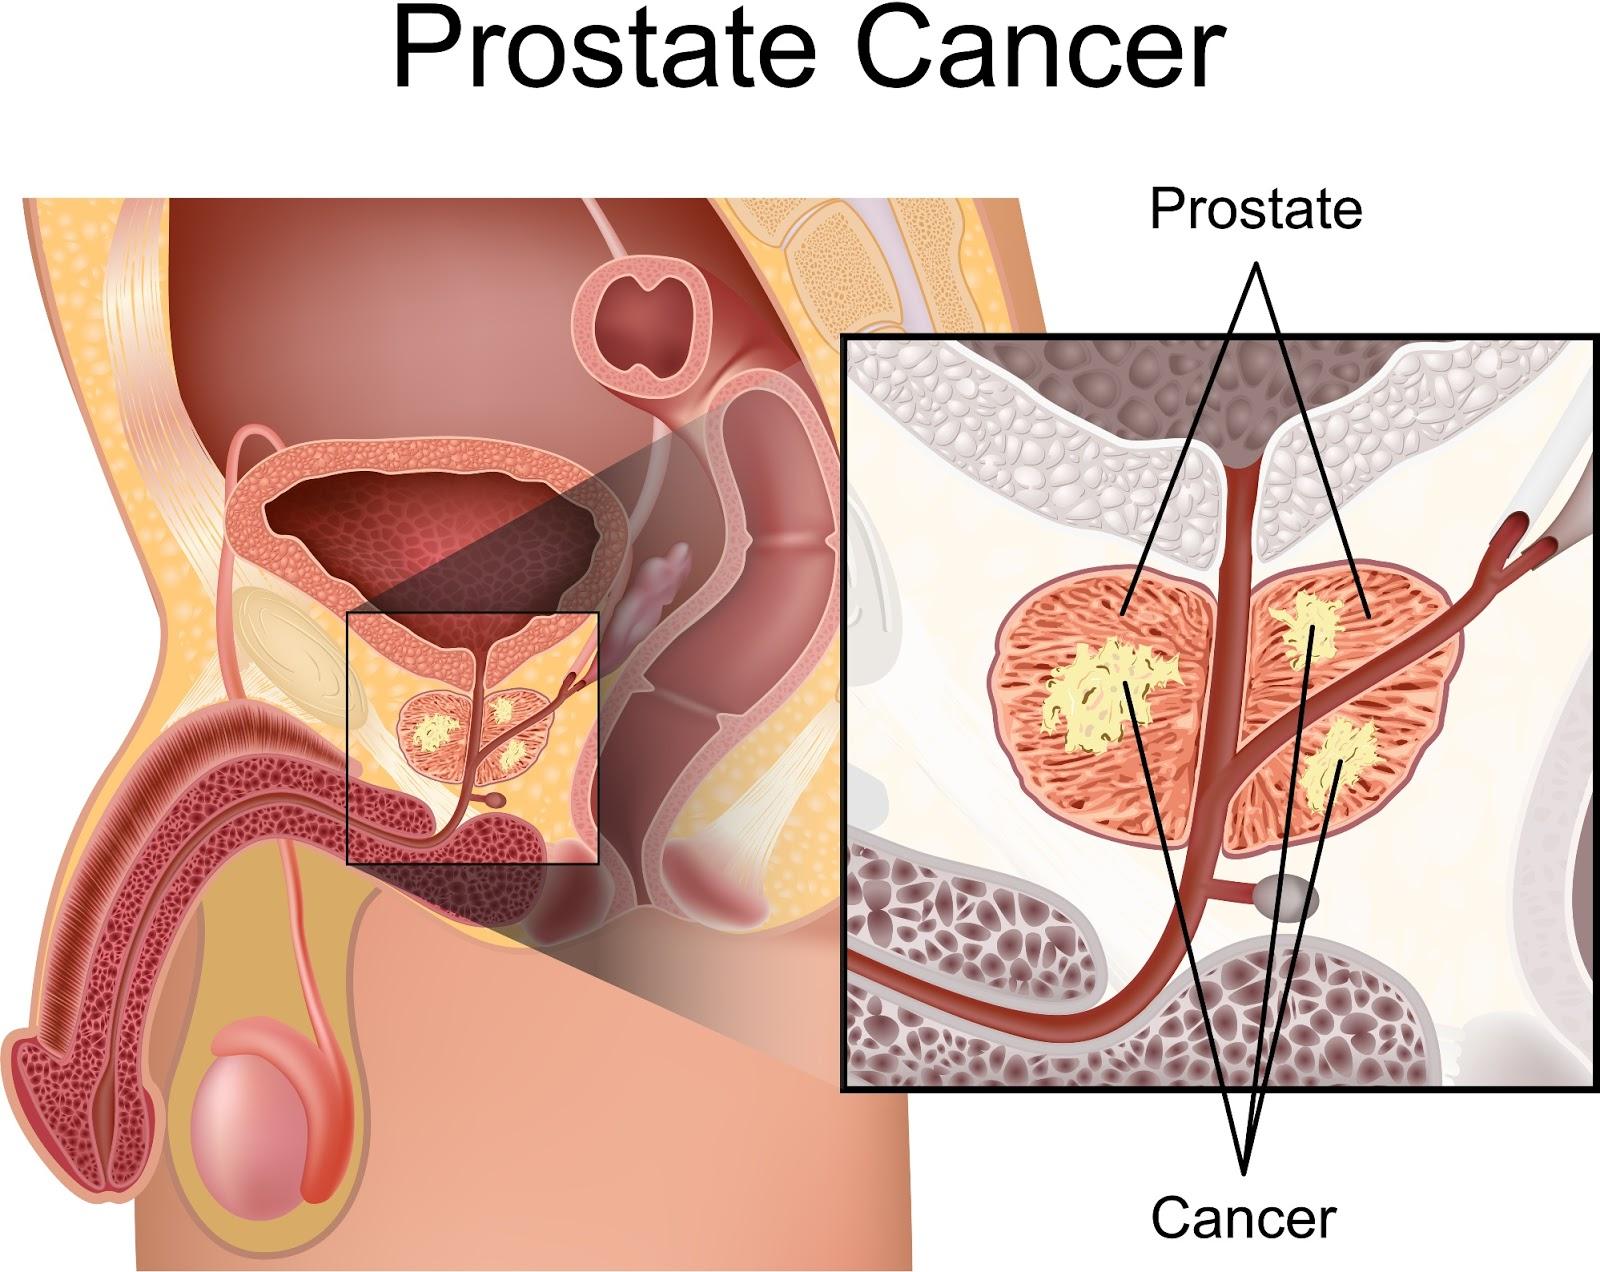 con qué frecuencia eyacular para la salud de la próstata